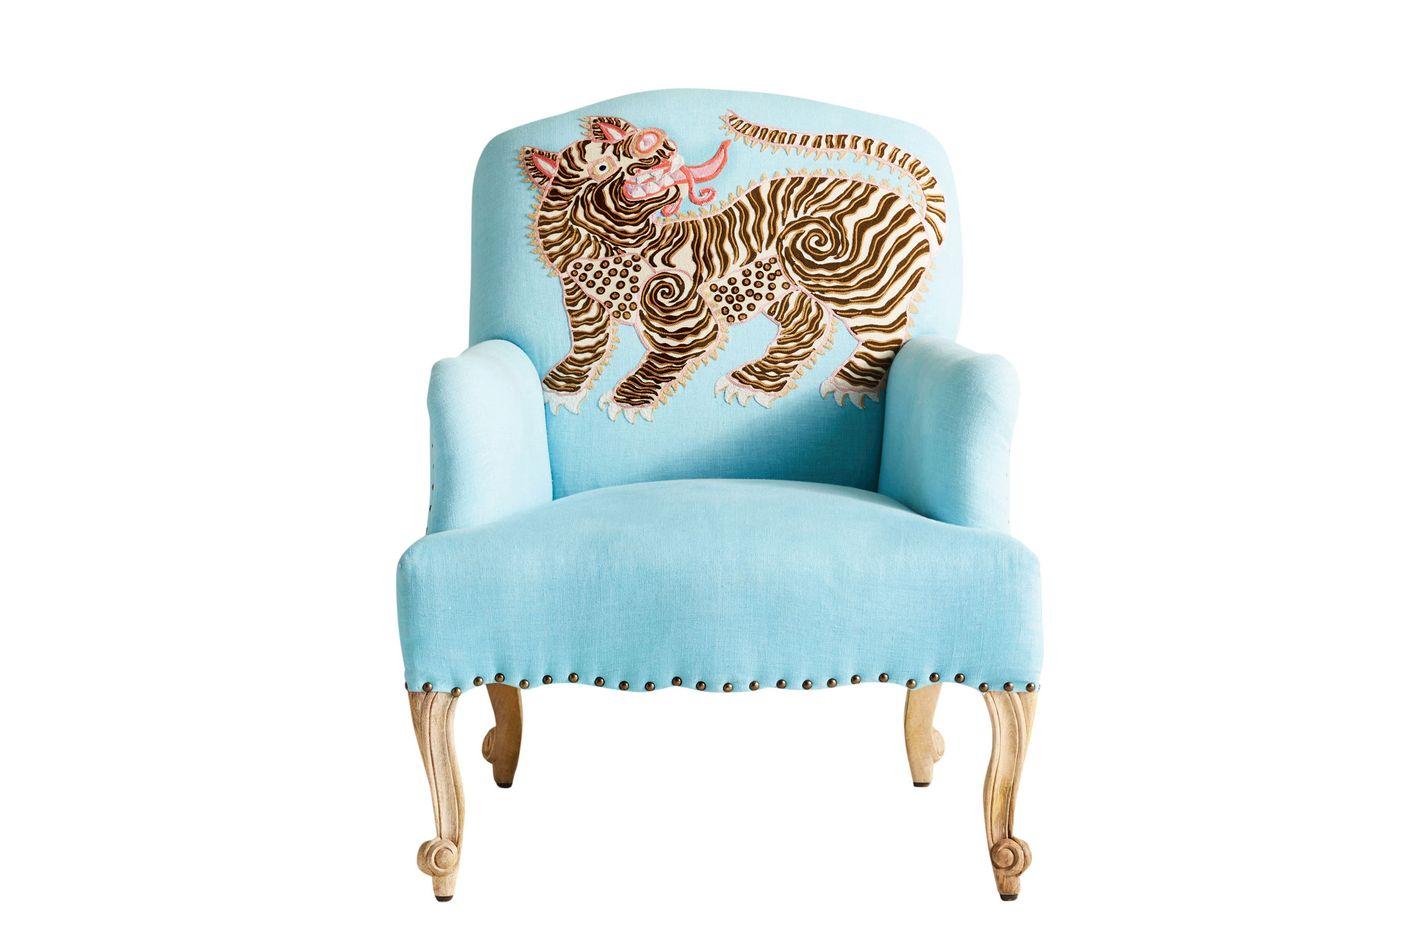 Paige Gemmel appliqué chair